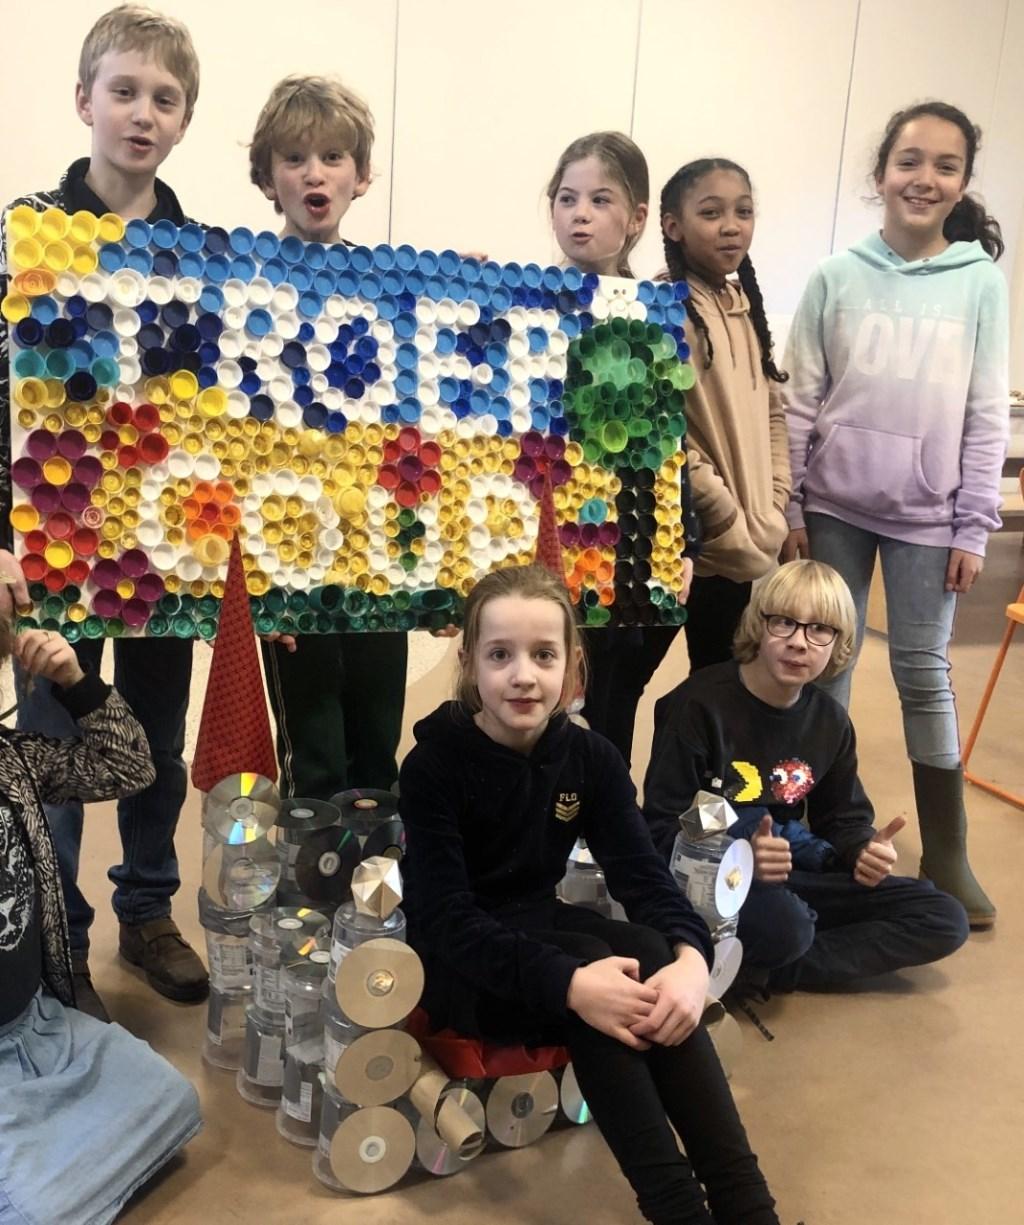 KindeRdam BSO kinderen trots op hun kunstwerken van gerecyclede materialen  Foto: Saskia Dubbeldam © DPG Media